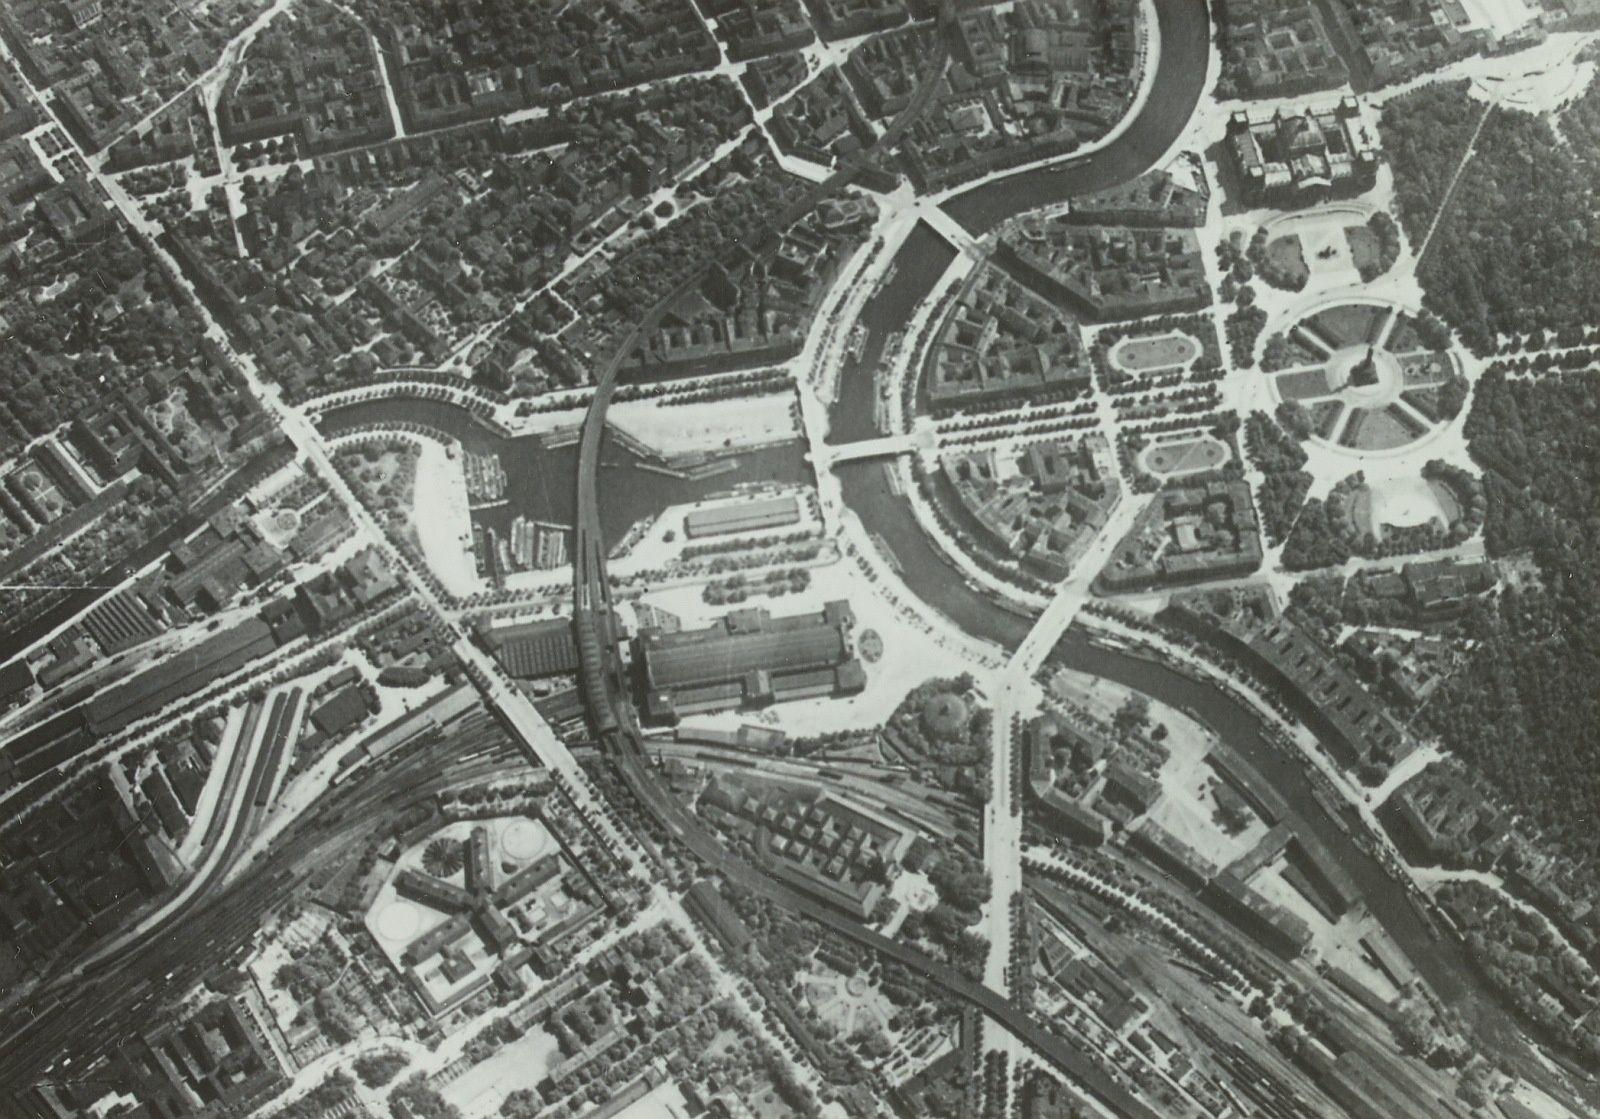 Lehrter Bahnhof Reichstag Und Siegessaule Historische Fotos Luftbild Berlin Geschichte